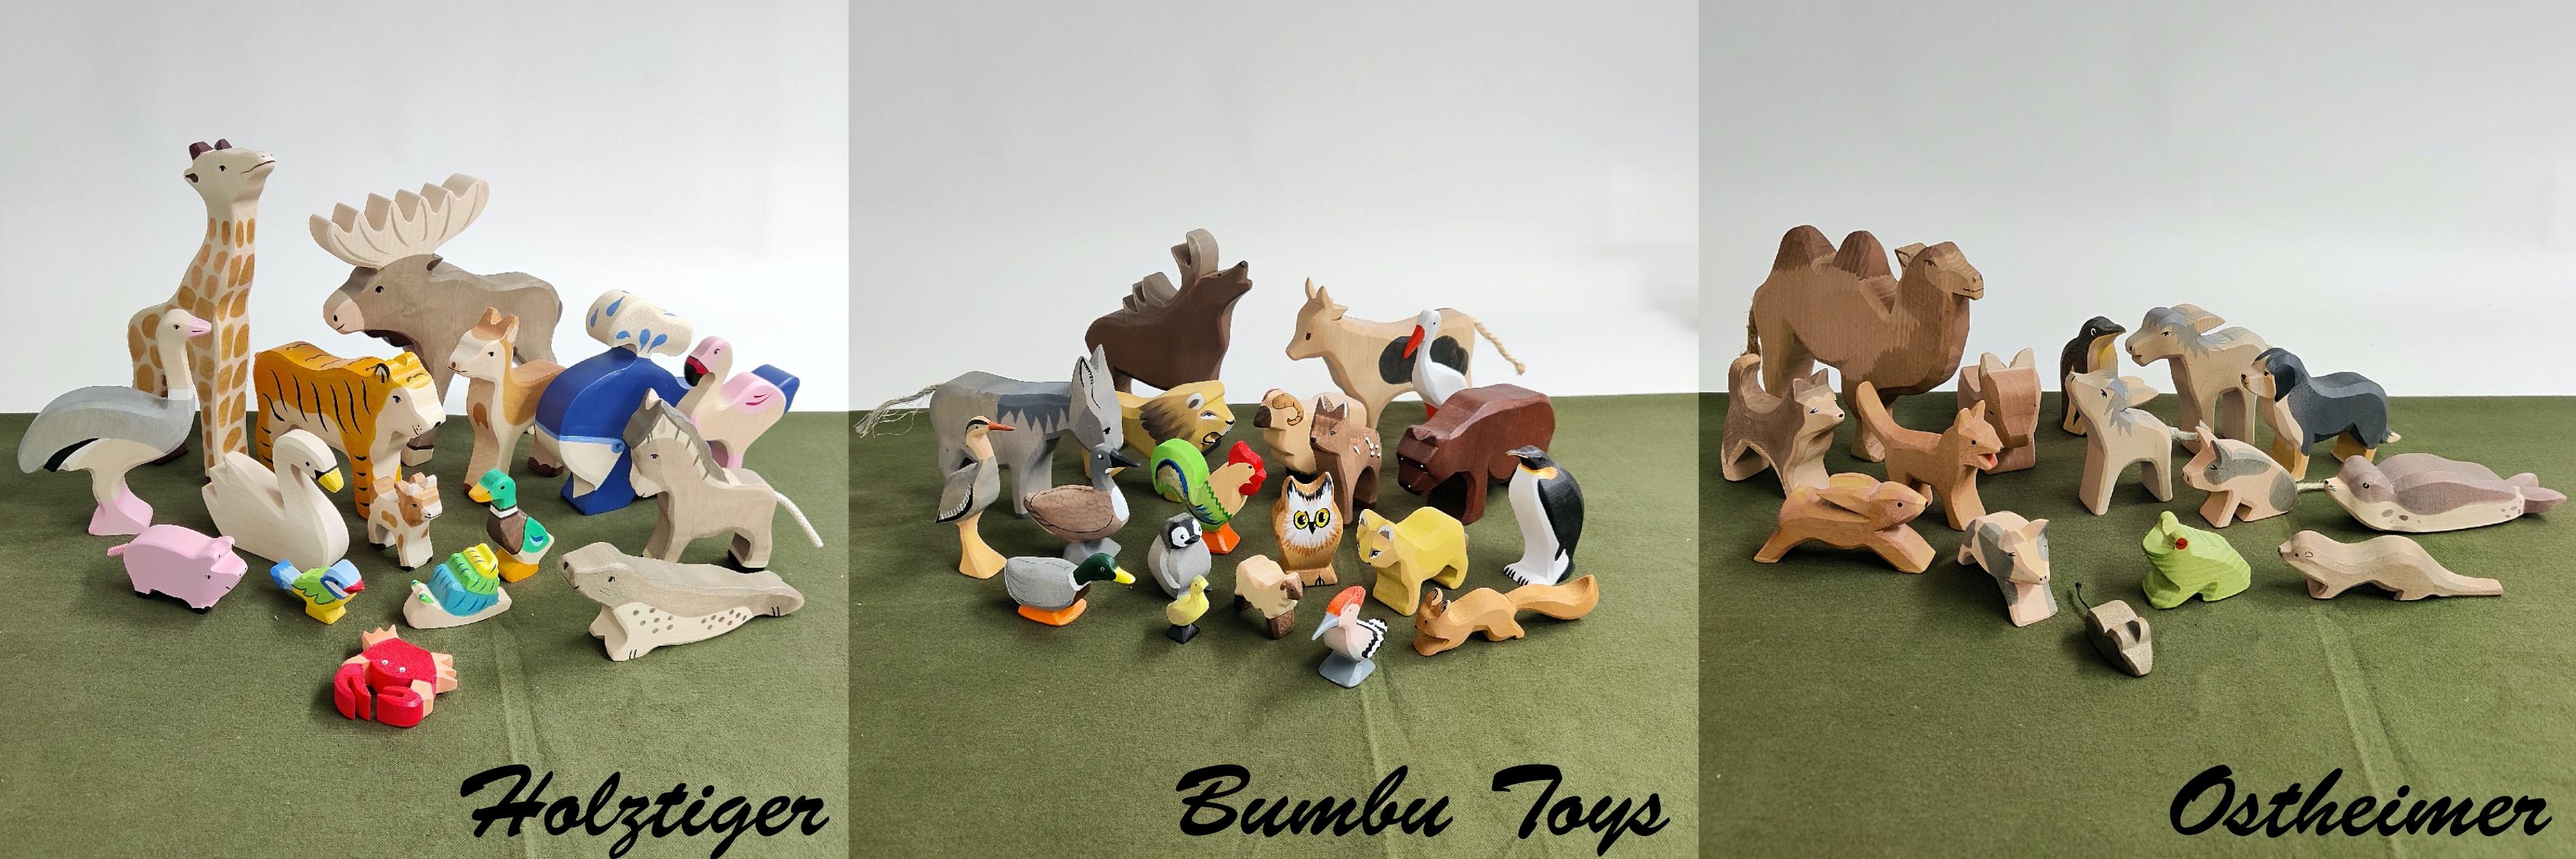 bumbu toys, ostheimer, Holztiger